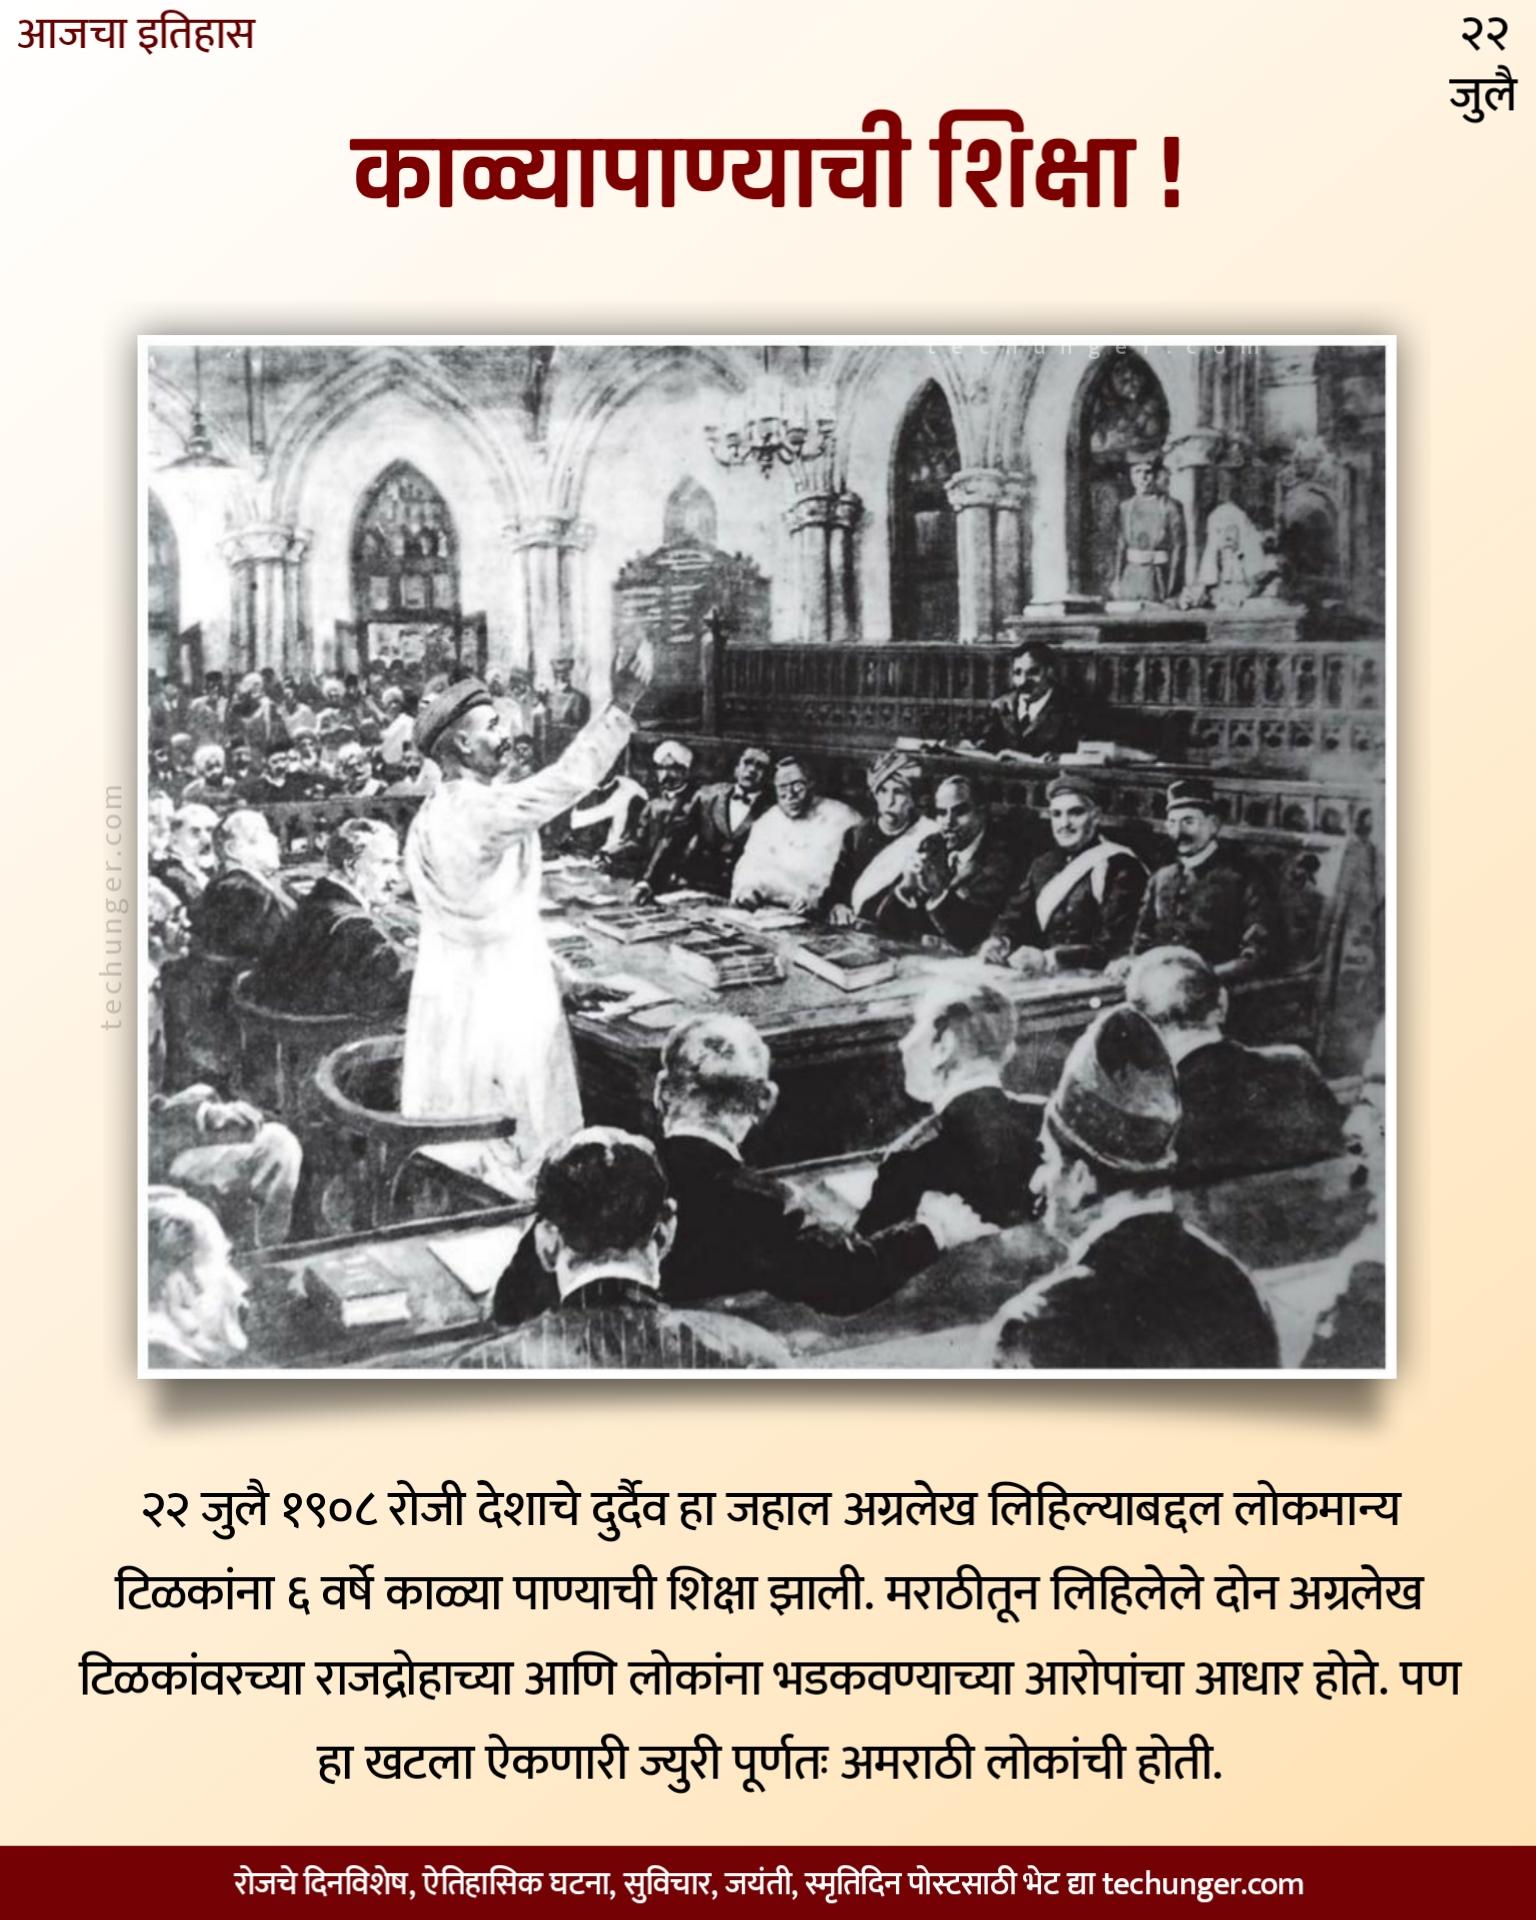 टिळकांना काळया पाण्याची शिक्षा, २२ जुलै १९०८ रोजी देशाचे दुर्दैव हा जहाल अग्रलेख लिहिल्याबद्दल लोकमान्य टिळकांना ६ वर्षे काळ्या पाण्याची शिक्षा झाली. मराठीतून लिहिलेले दोन अग्रलेख टिळकांवरच्या राजद्रोहाच्या आणि लोकांना ' आरोपांचा आधार होते. पण हा खटला ऐकणारी ज्युरी पूर्णतः अमराठी लोकांची होती.